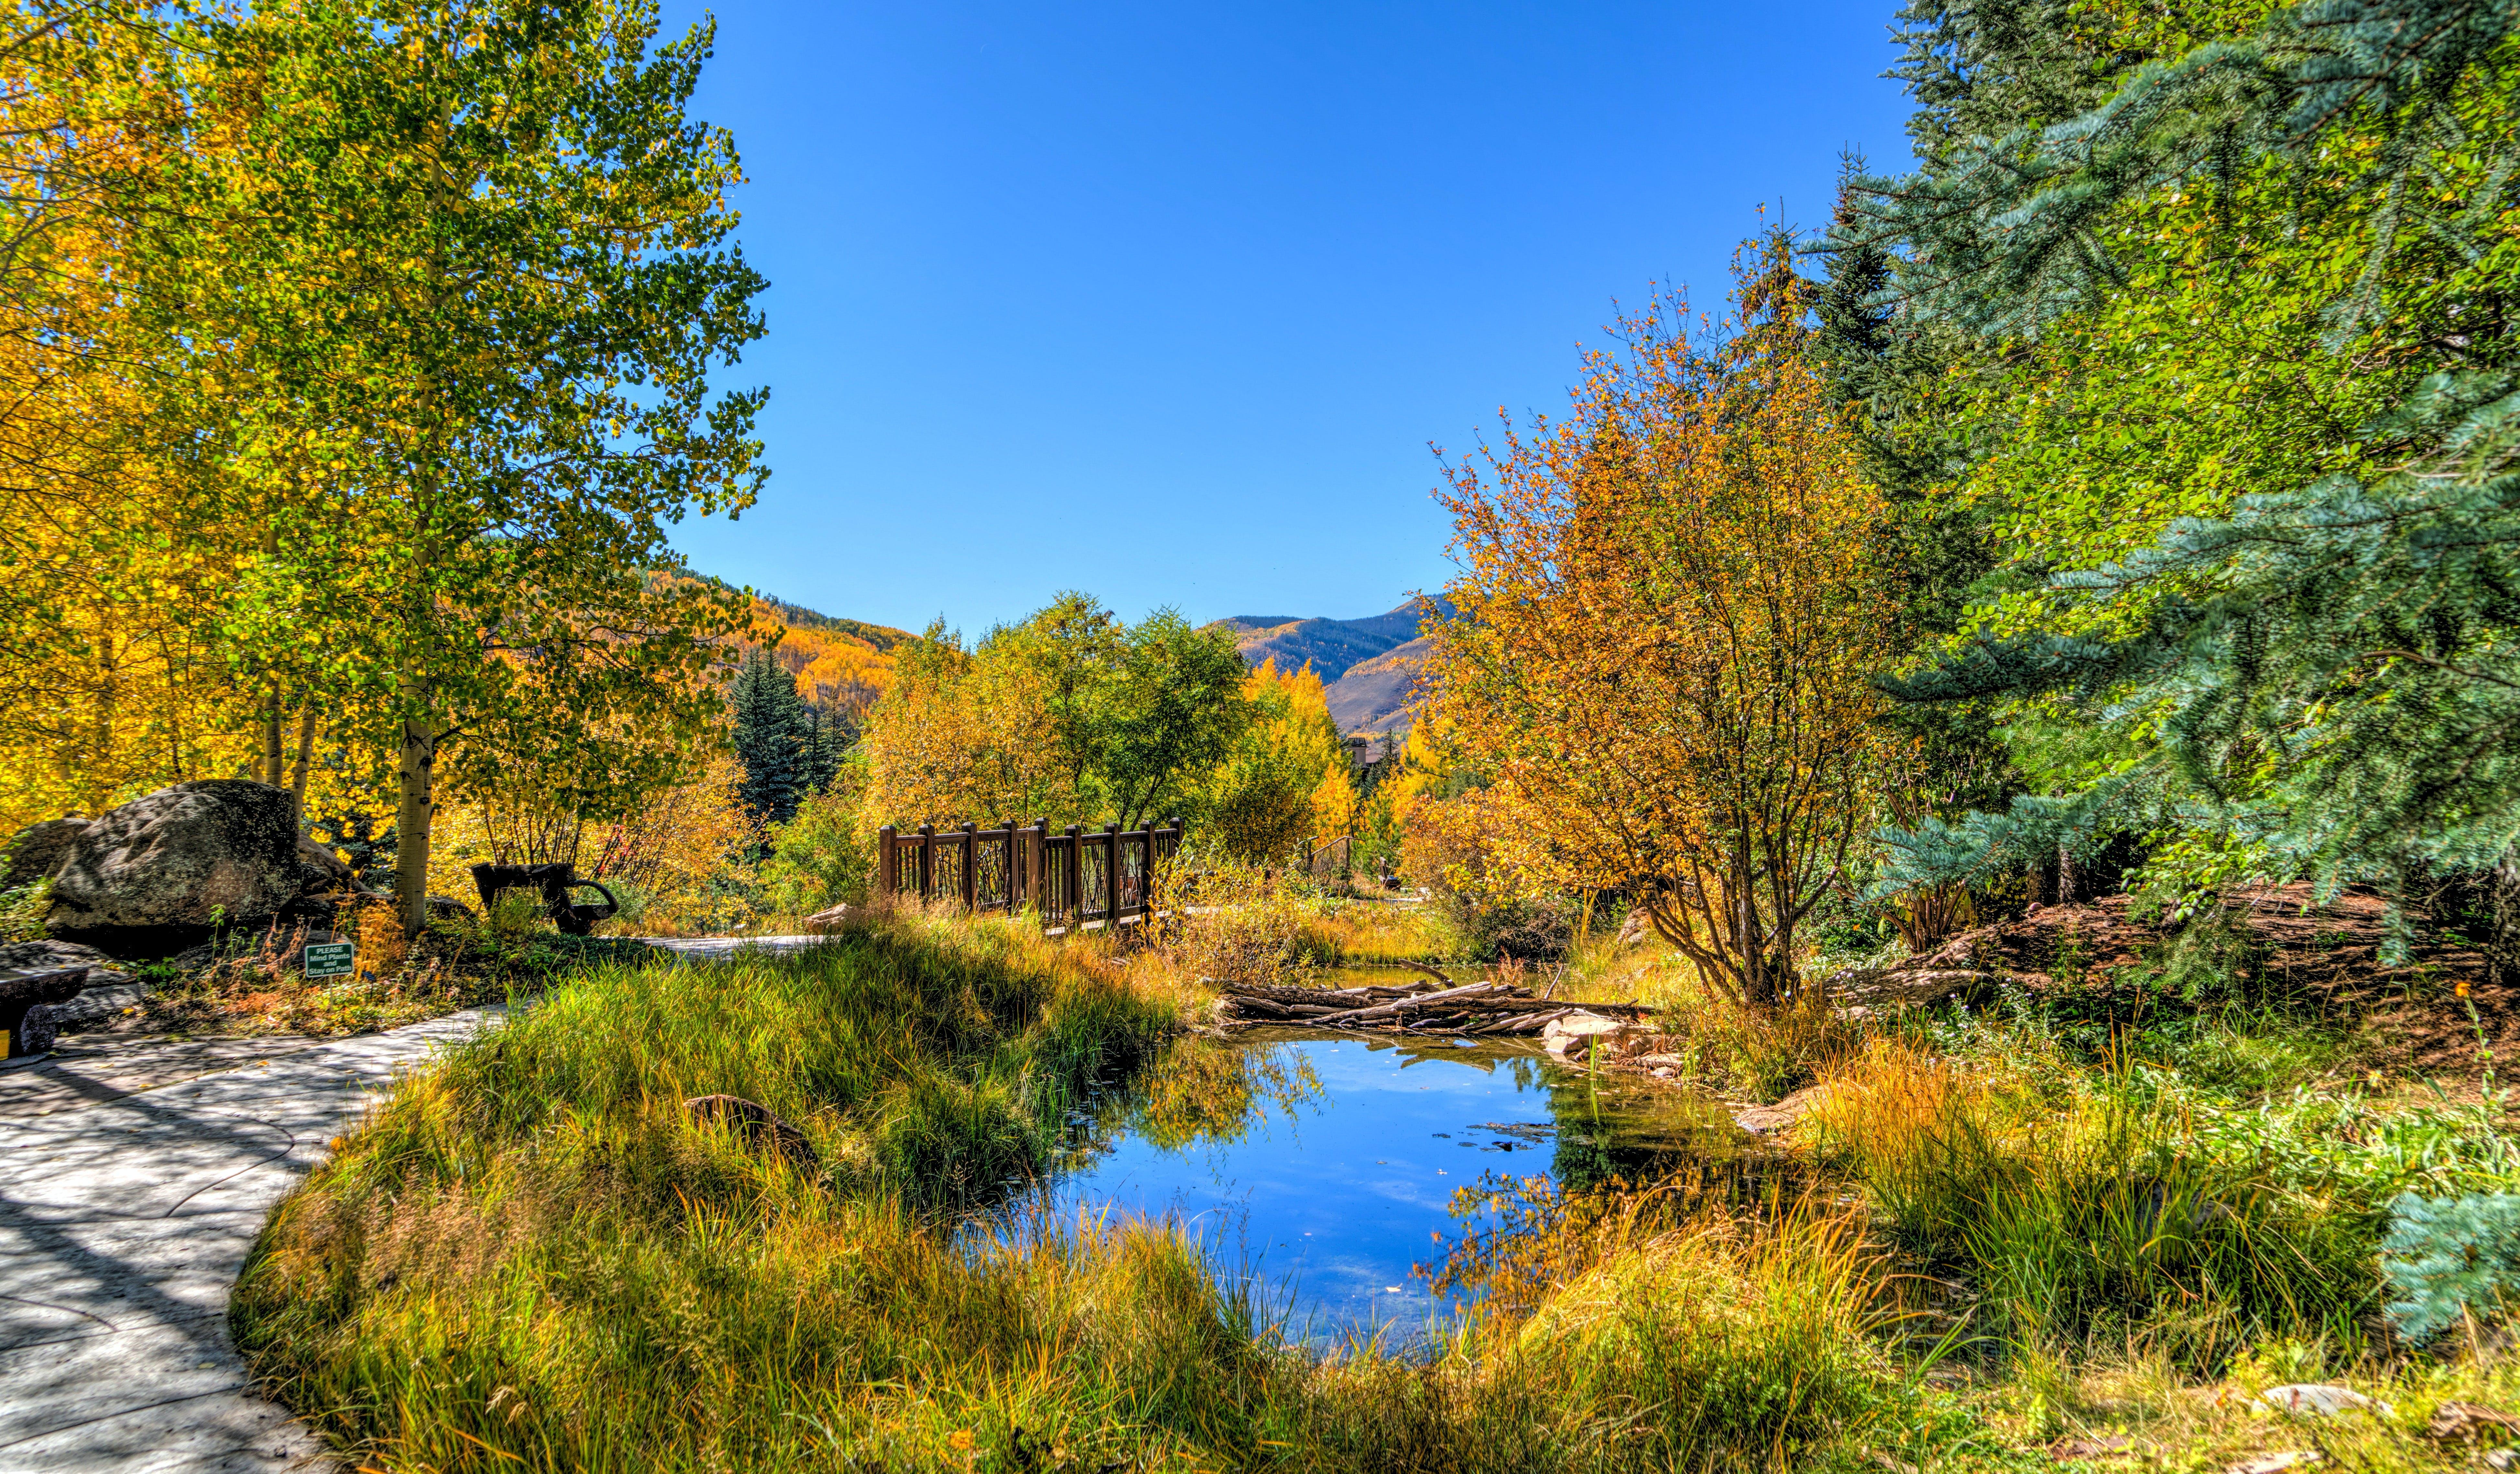 小径, 木, 水, 池の無料の写真素材